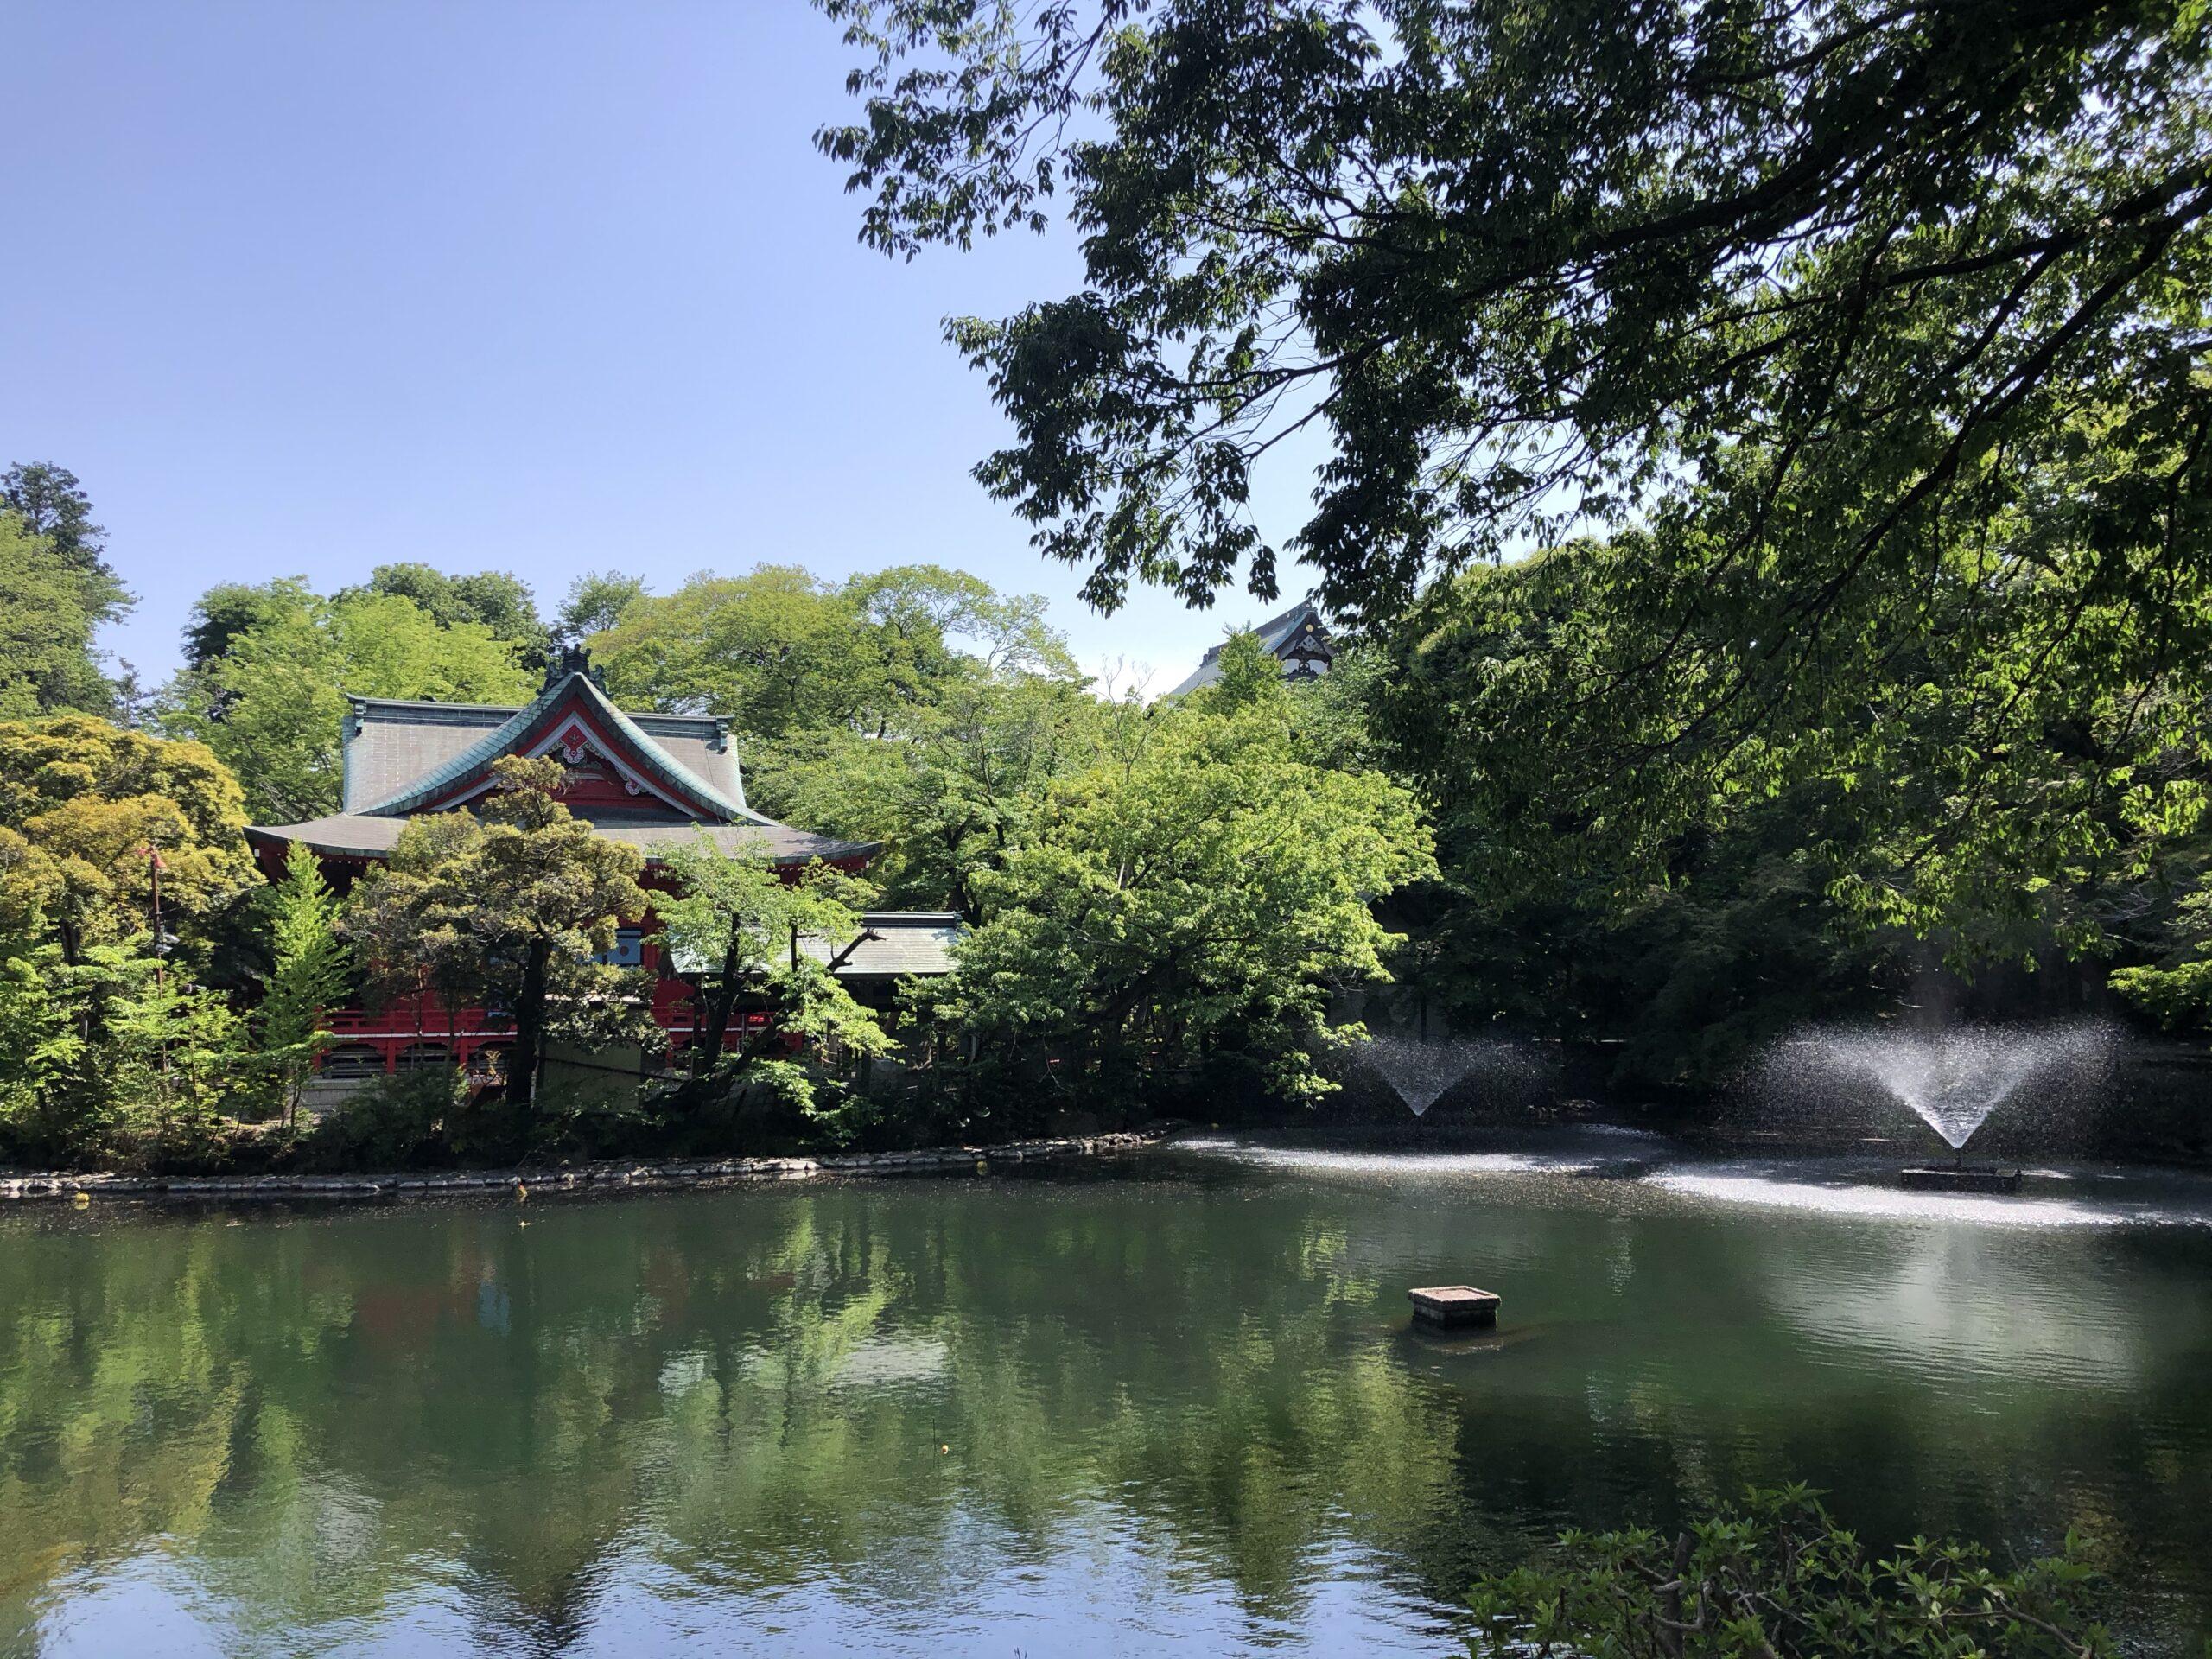 武蔵野・吉祥寺、緑の七福神詣で!「武蔵野吉祥七福神めぐり」